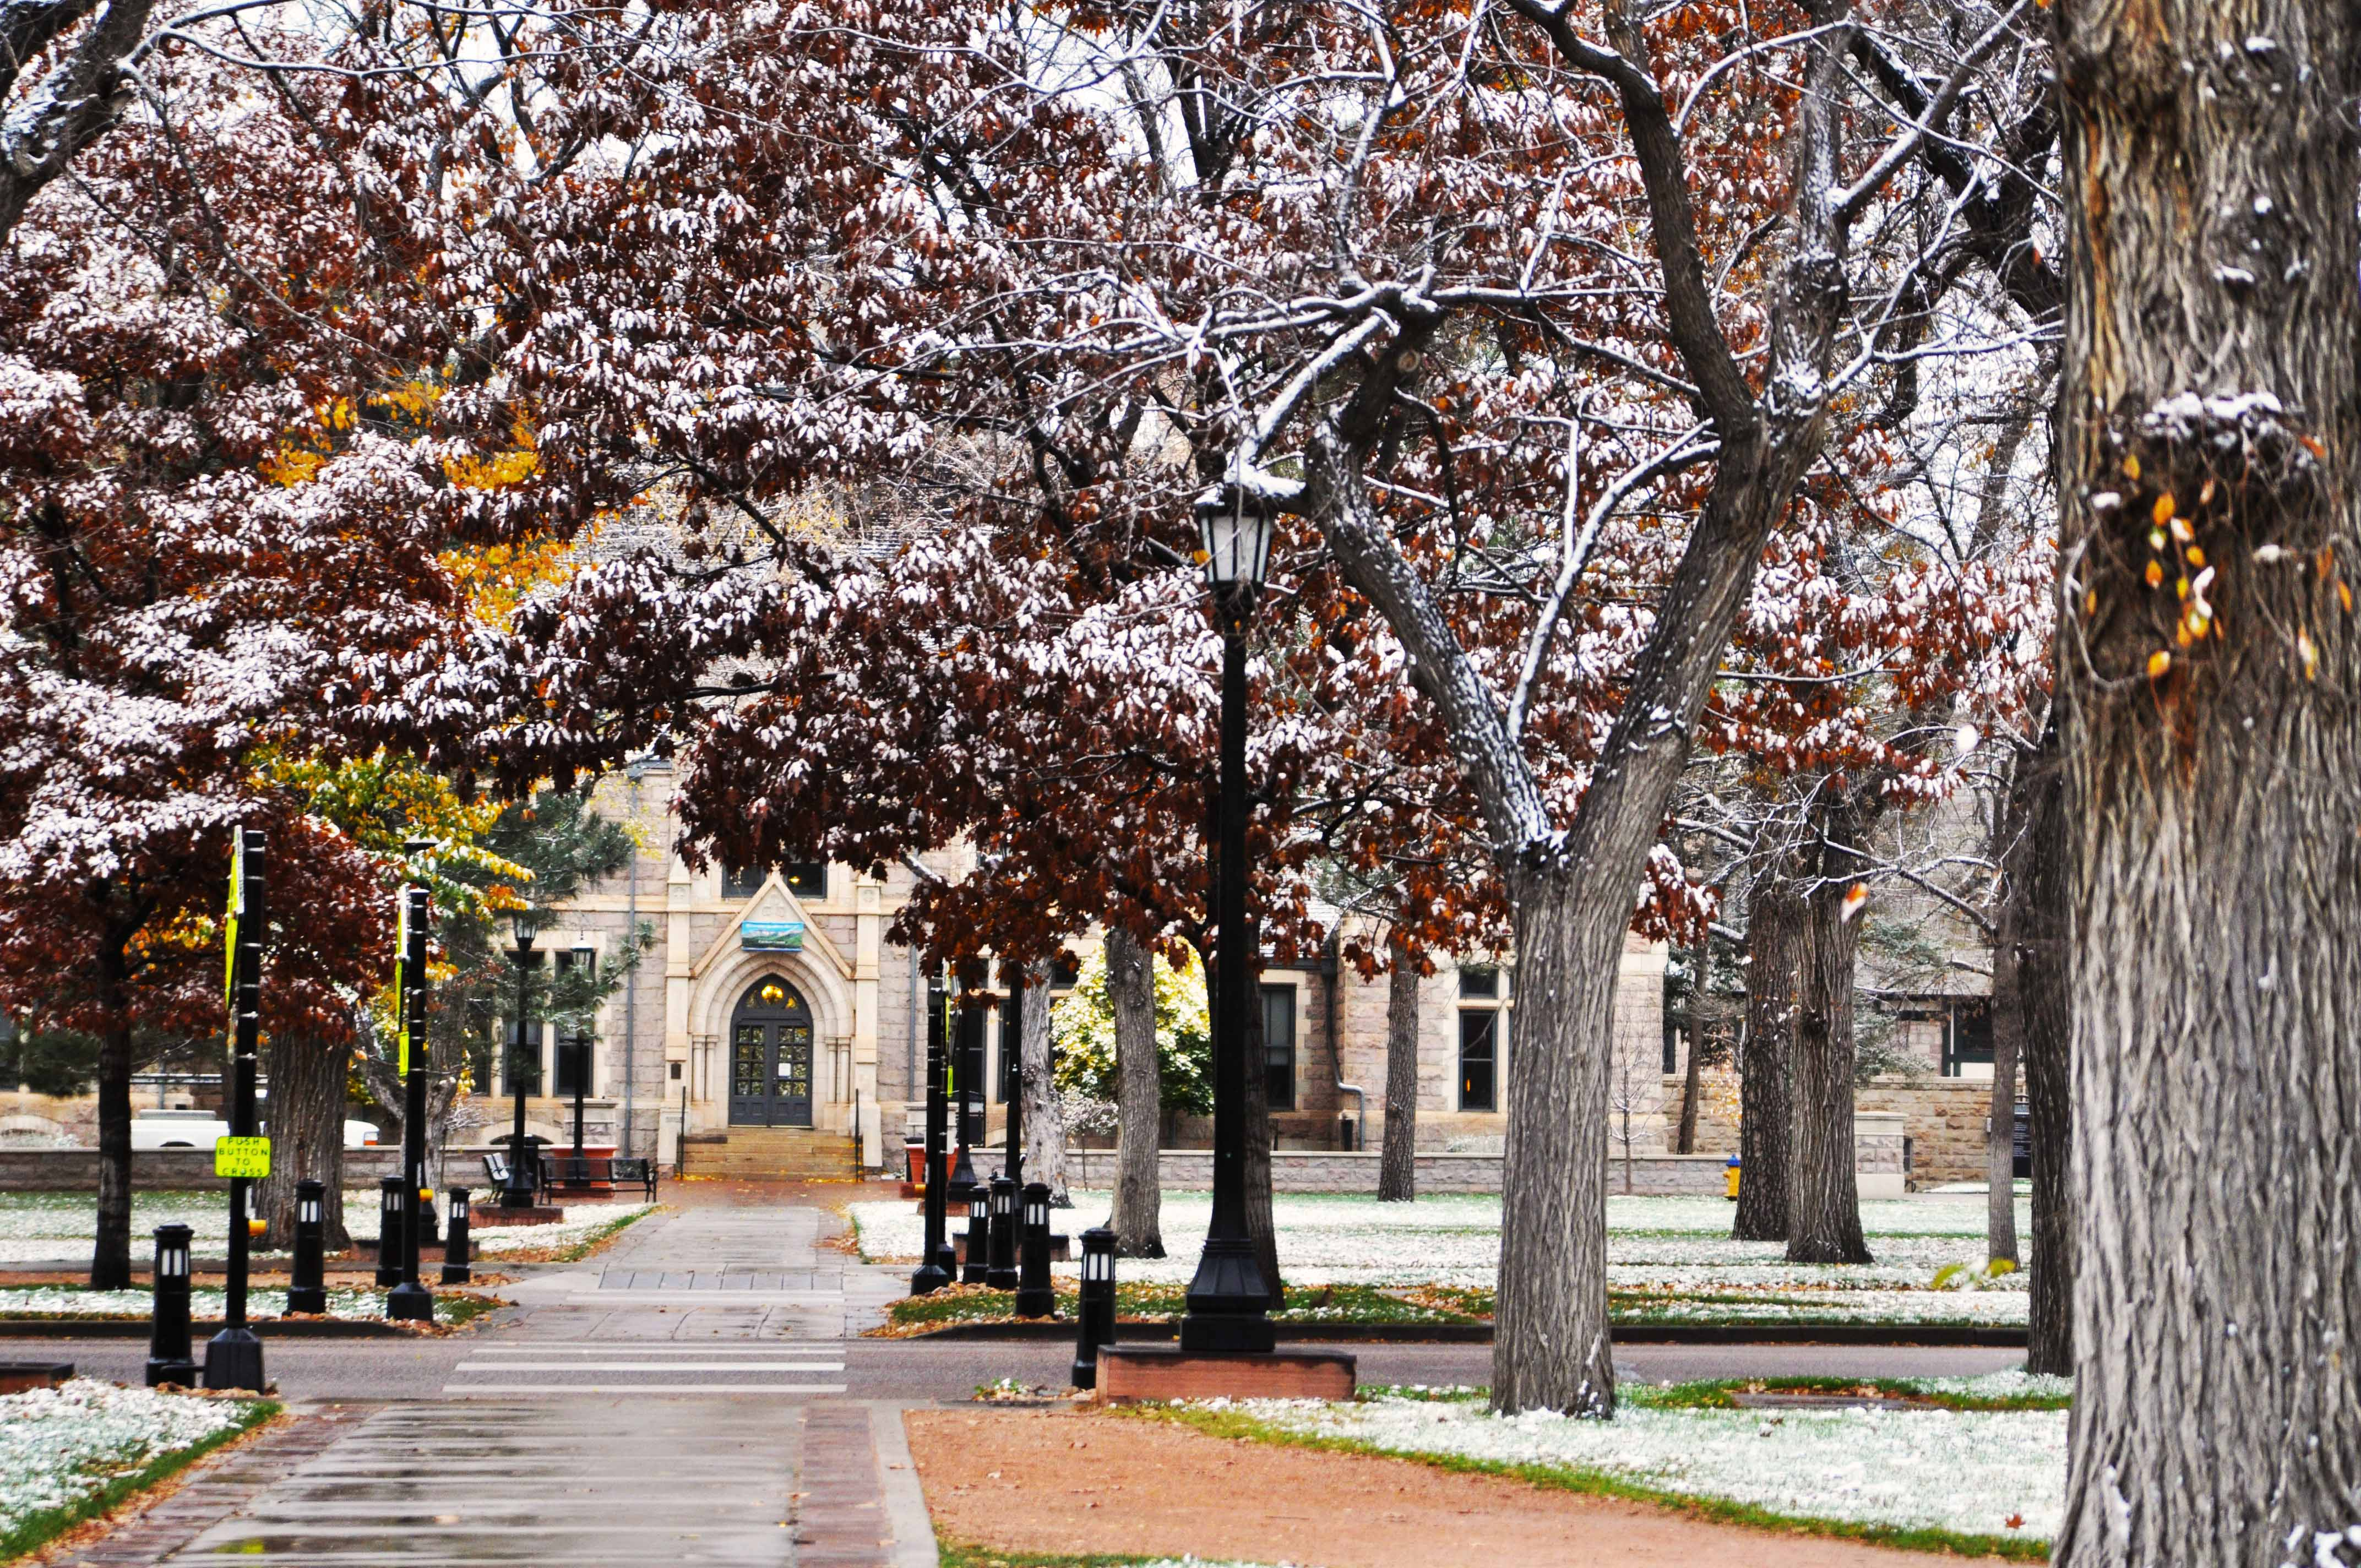 Student's photo makes the grade • colorado college.